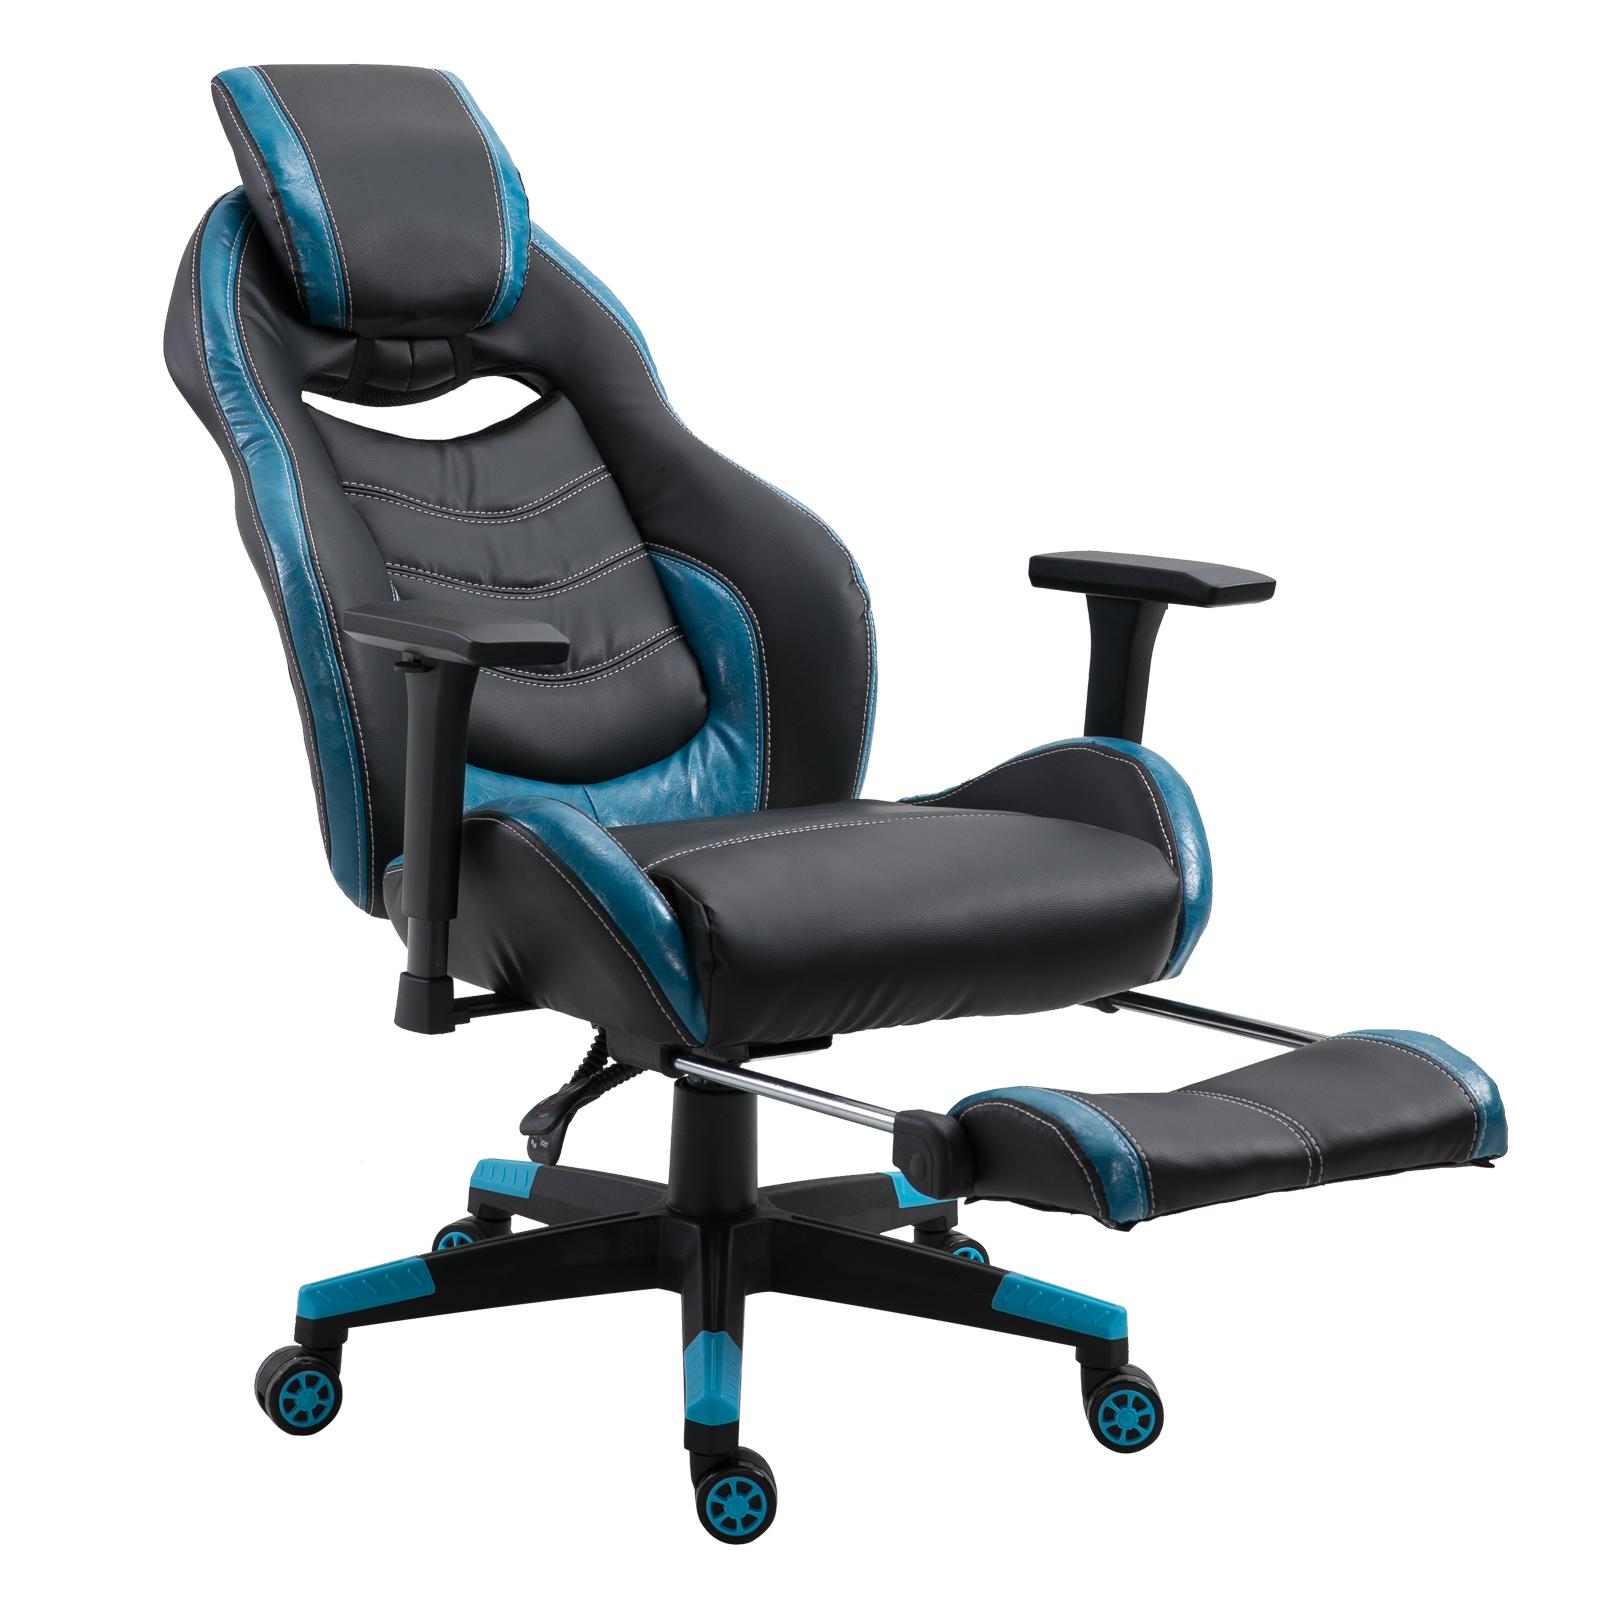 Vinsetto-Chaise-Fauteuil-de-Bureau-Siege-Gamer-Hauteur-Reglable